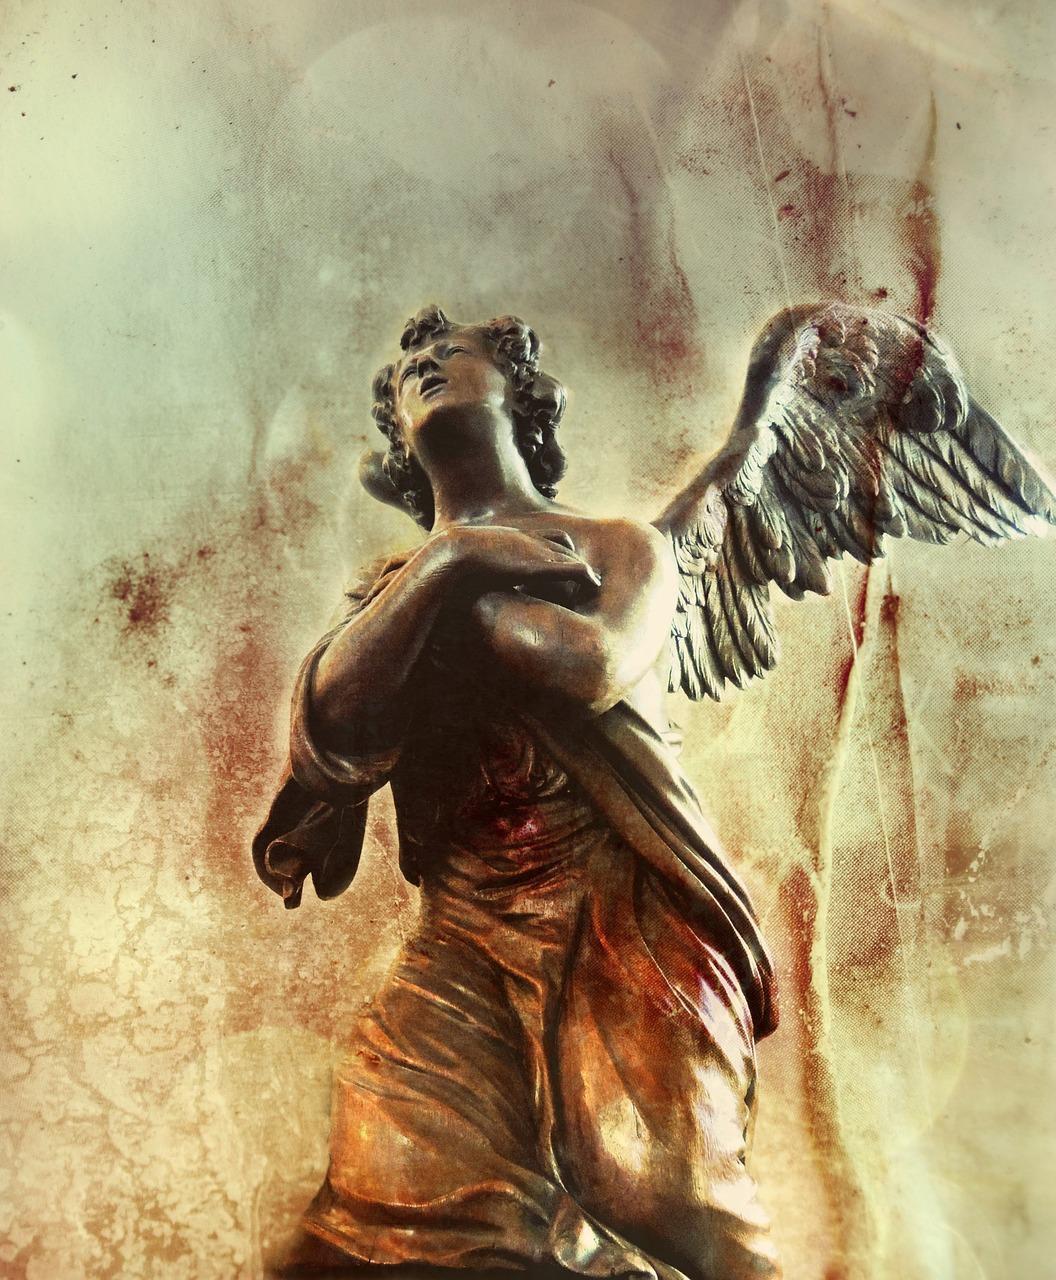 angel 1758571 1280 - Setkání s anděly - ohavnost v křesťanském obalu